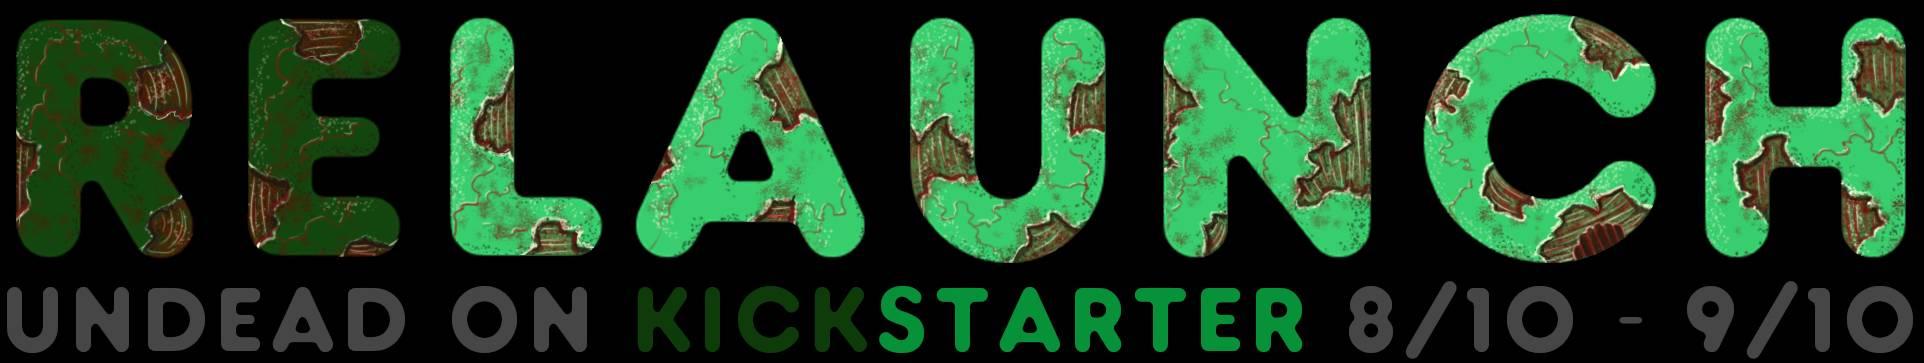 Mr. Guy: Zombie Hunter ReLaunch on Kickstarter